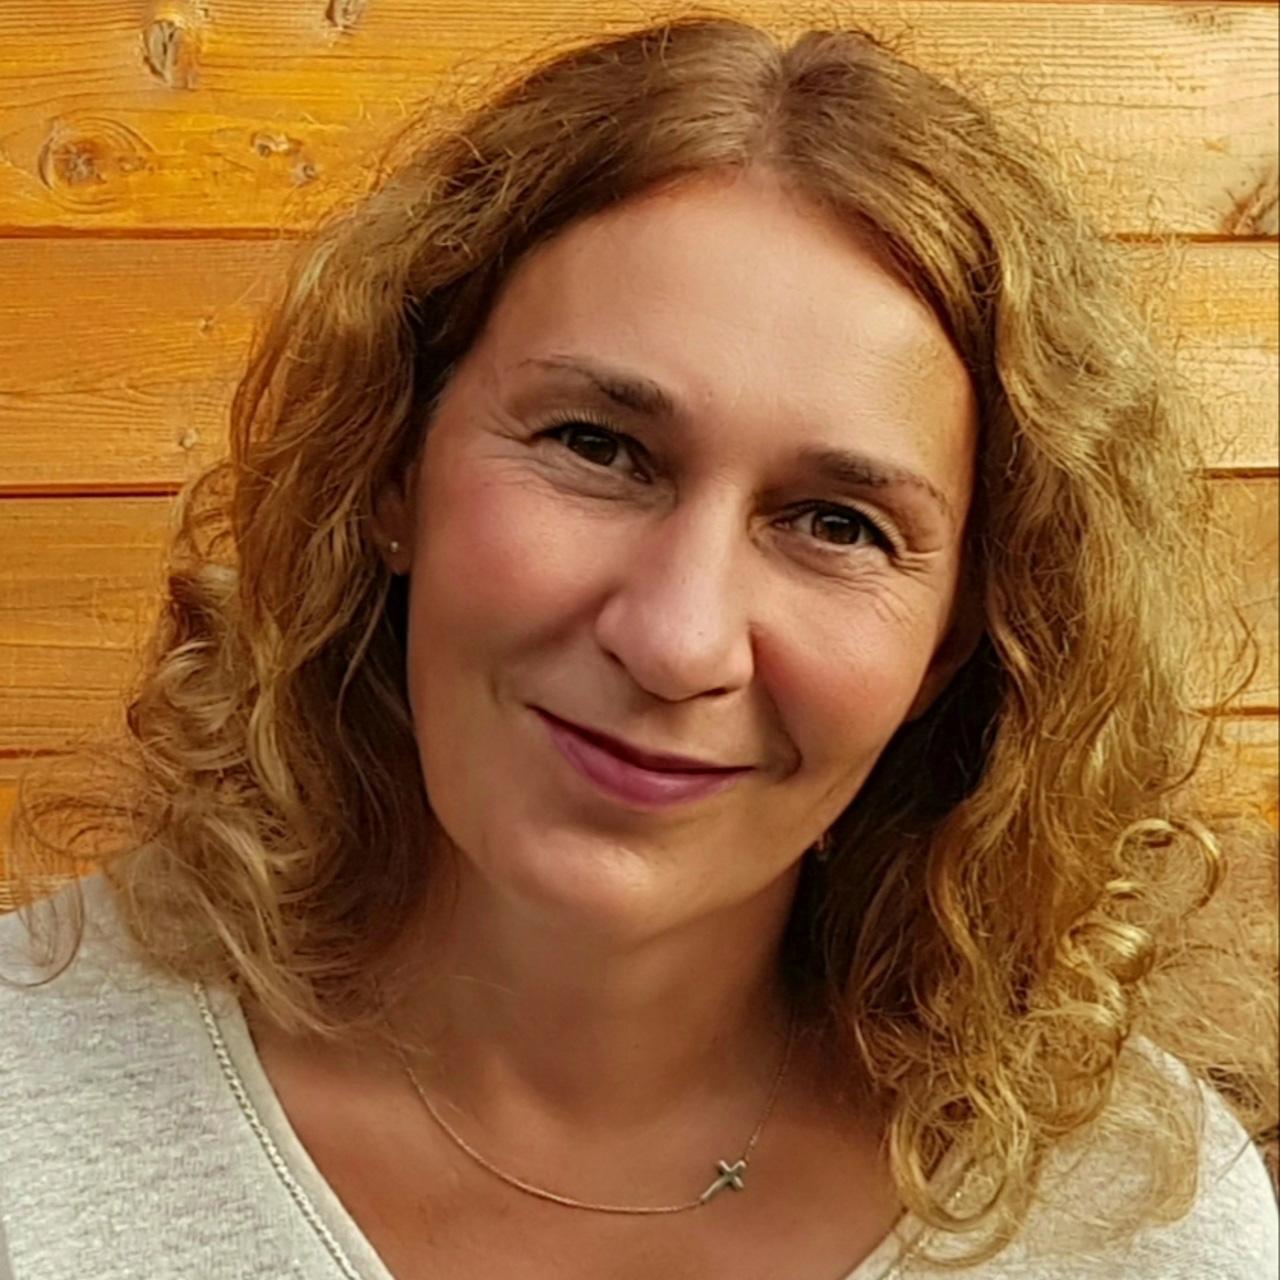 Daniela Herling